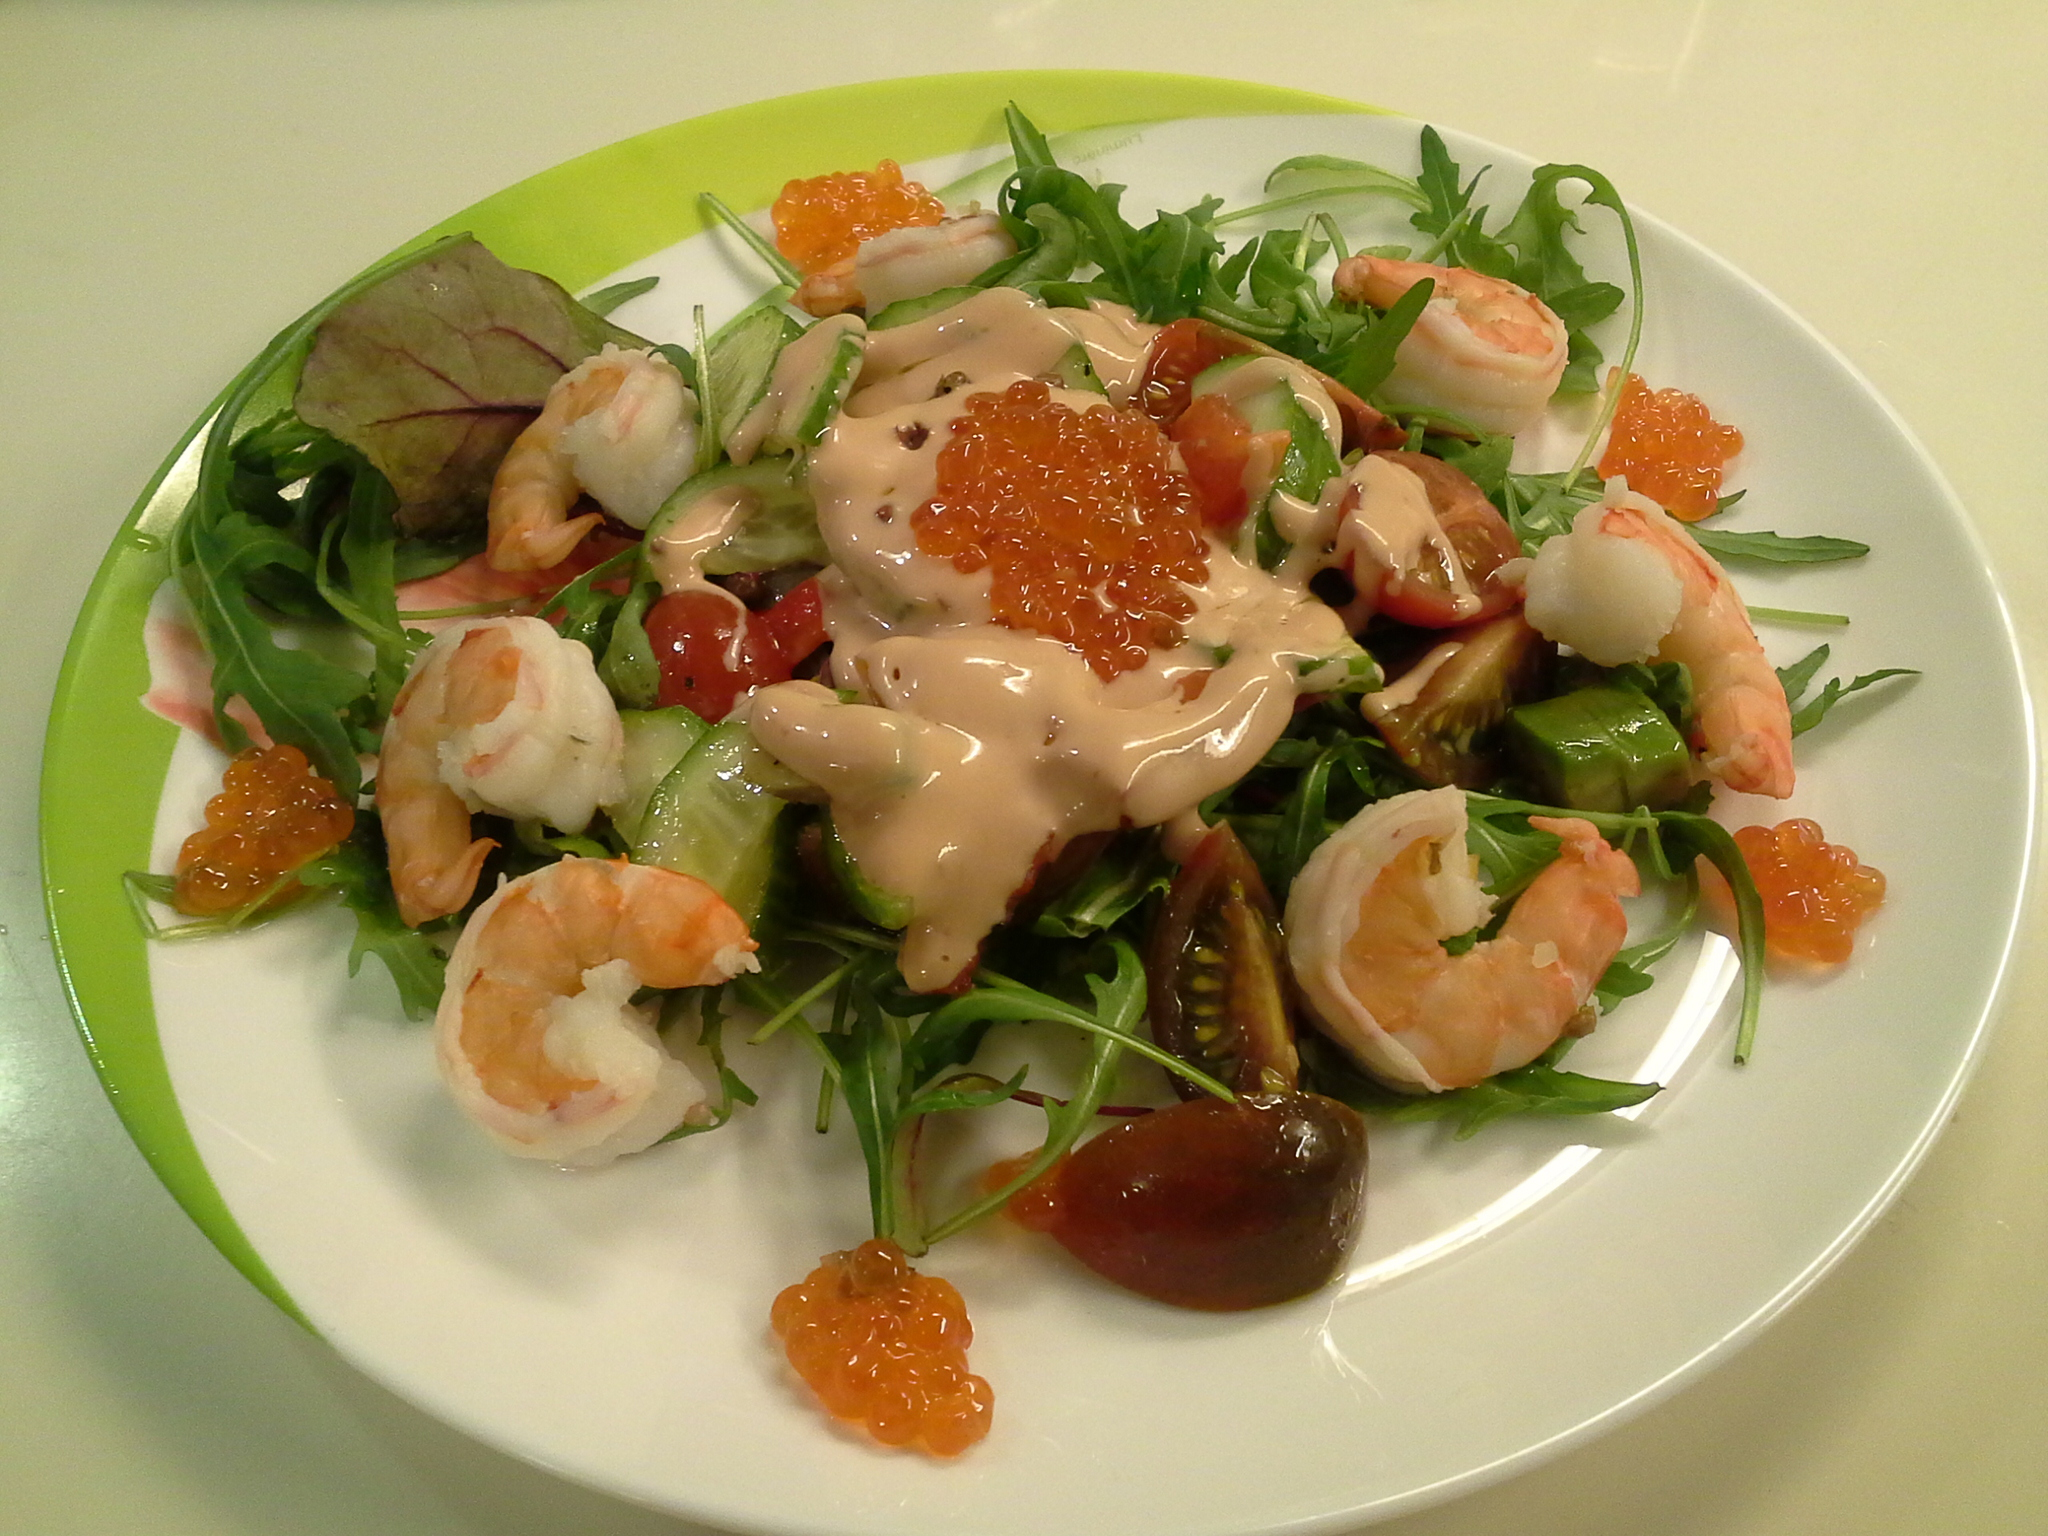 мебель лучшие салаты из морепродуктов рецепты с фото все